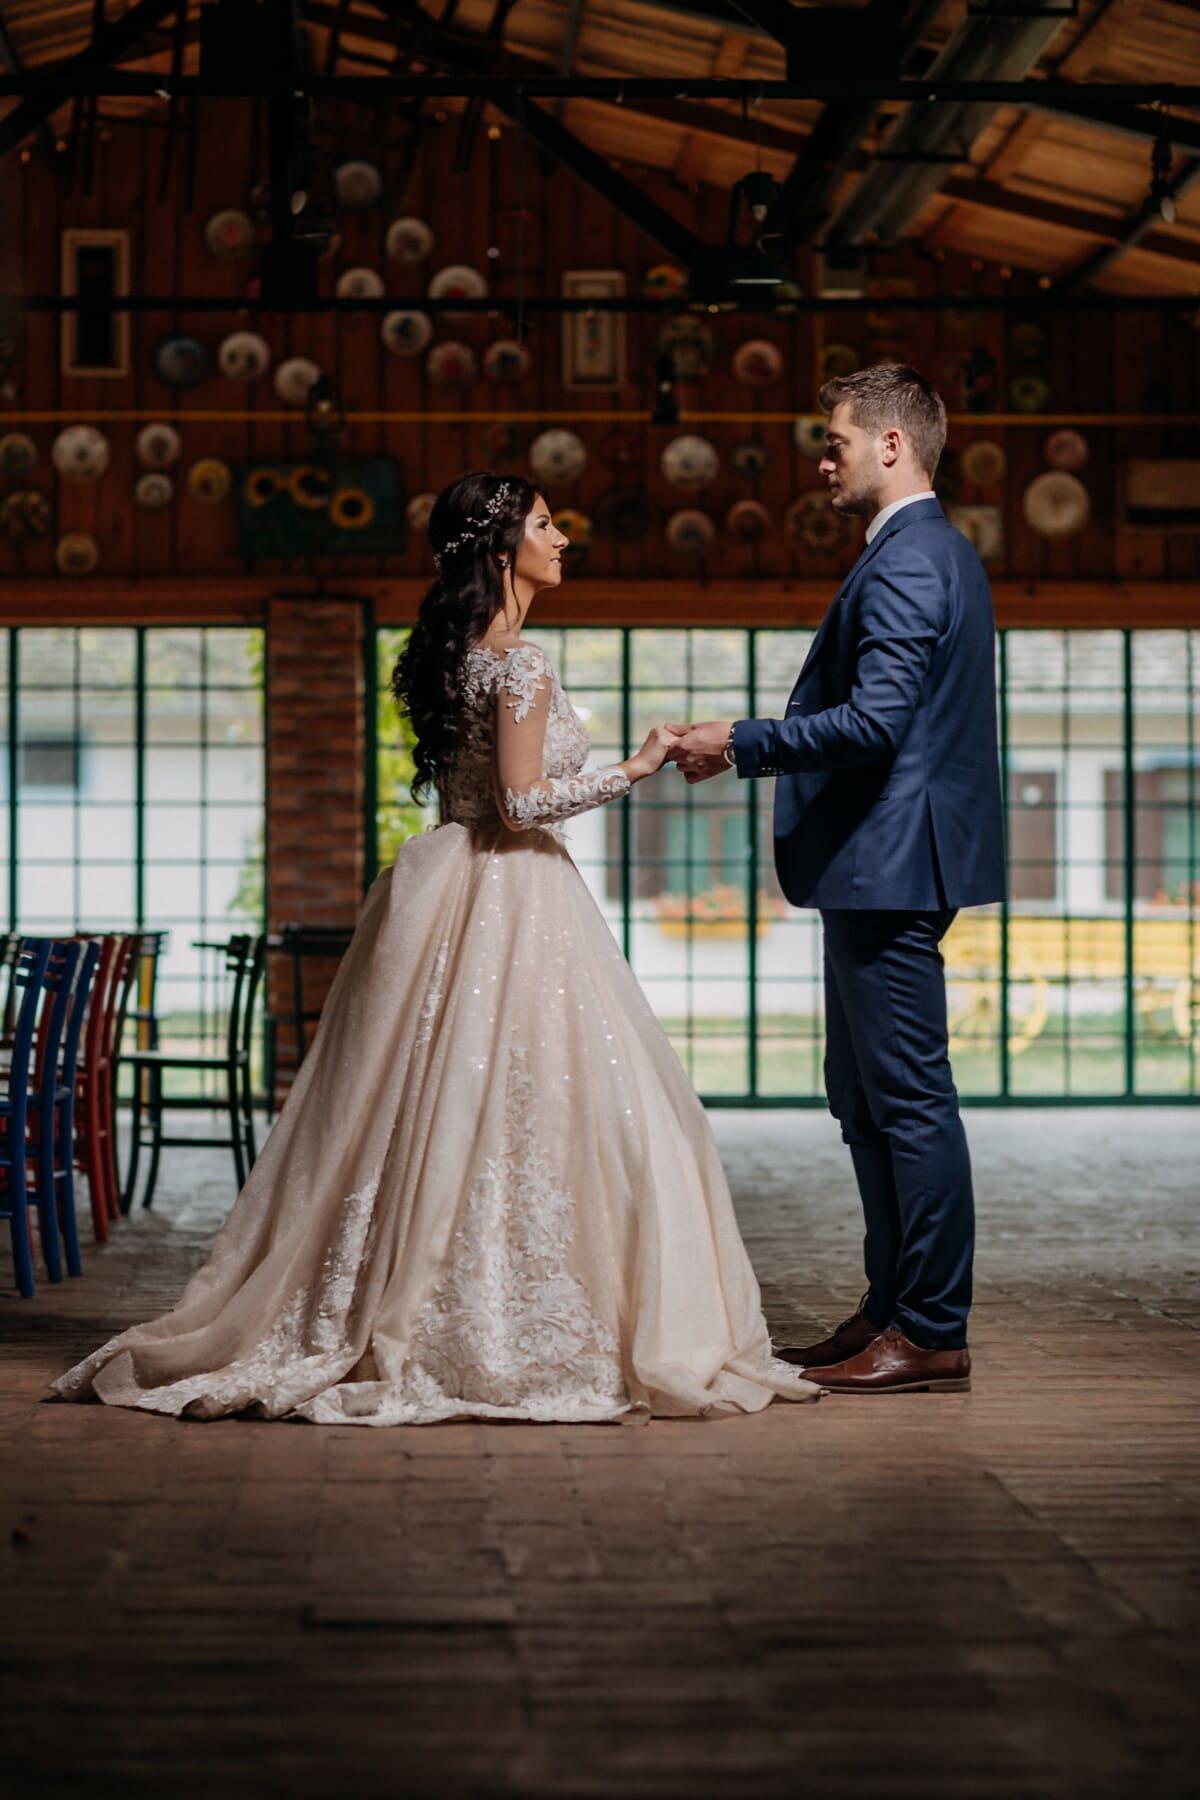 Tanz, tanzen, Jungvermählten, Ehefrau, Bräutigam, Mann, Braut, Liebe, Menschen, Kleid